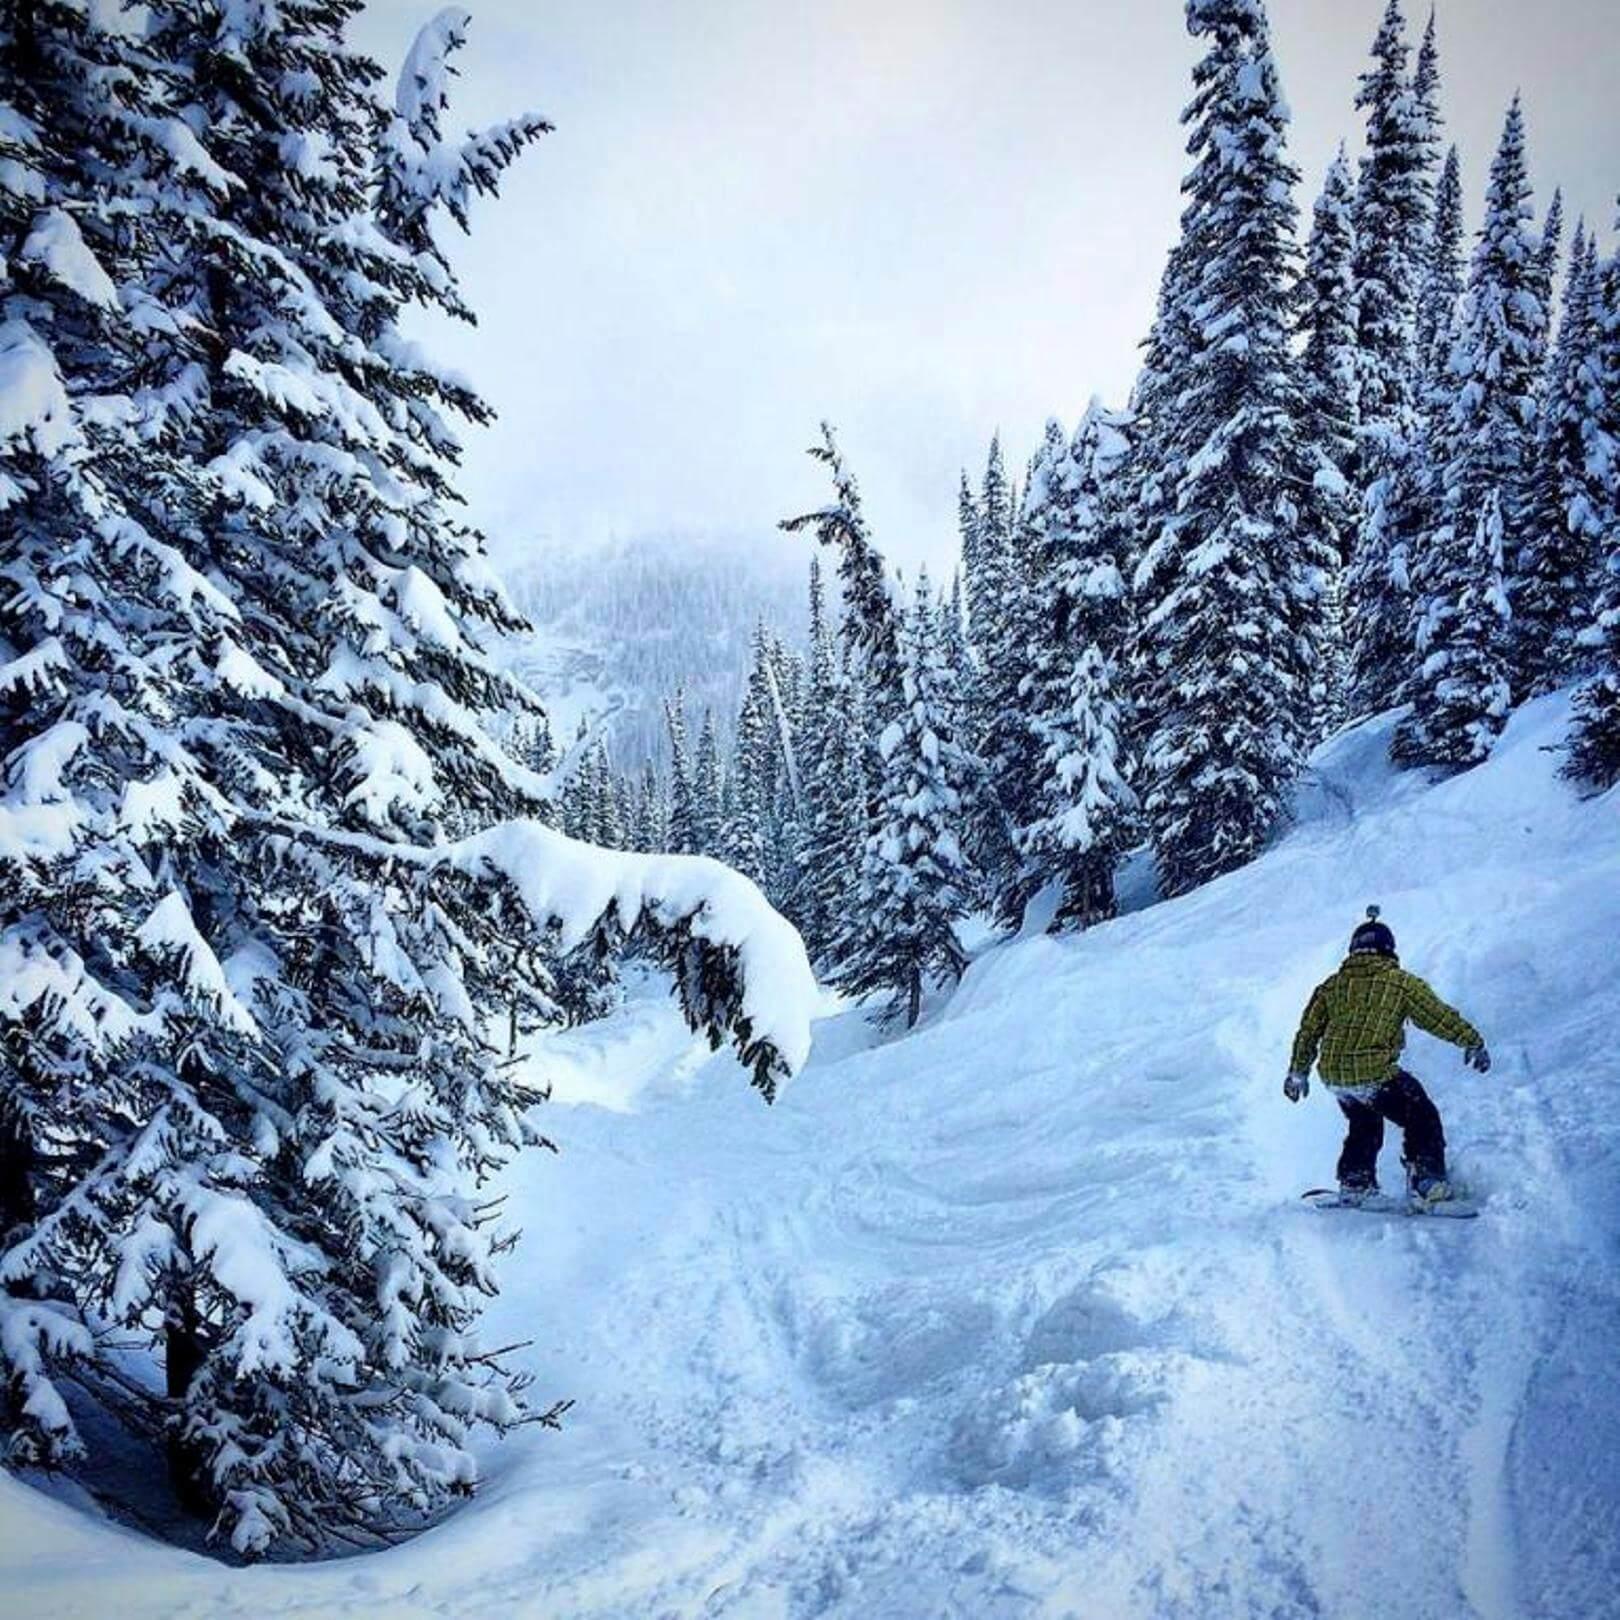 Si amas la nieve, ¡Canadá es tu lugar en el mundo! - Sueños Viajeros